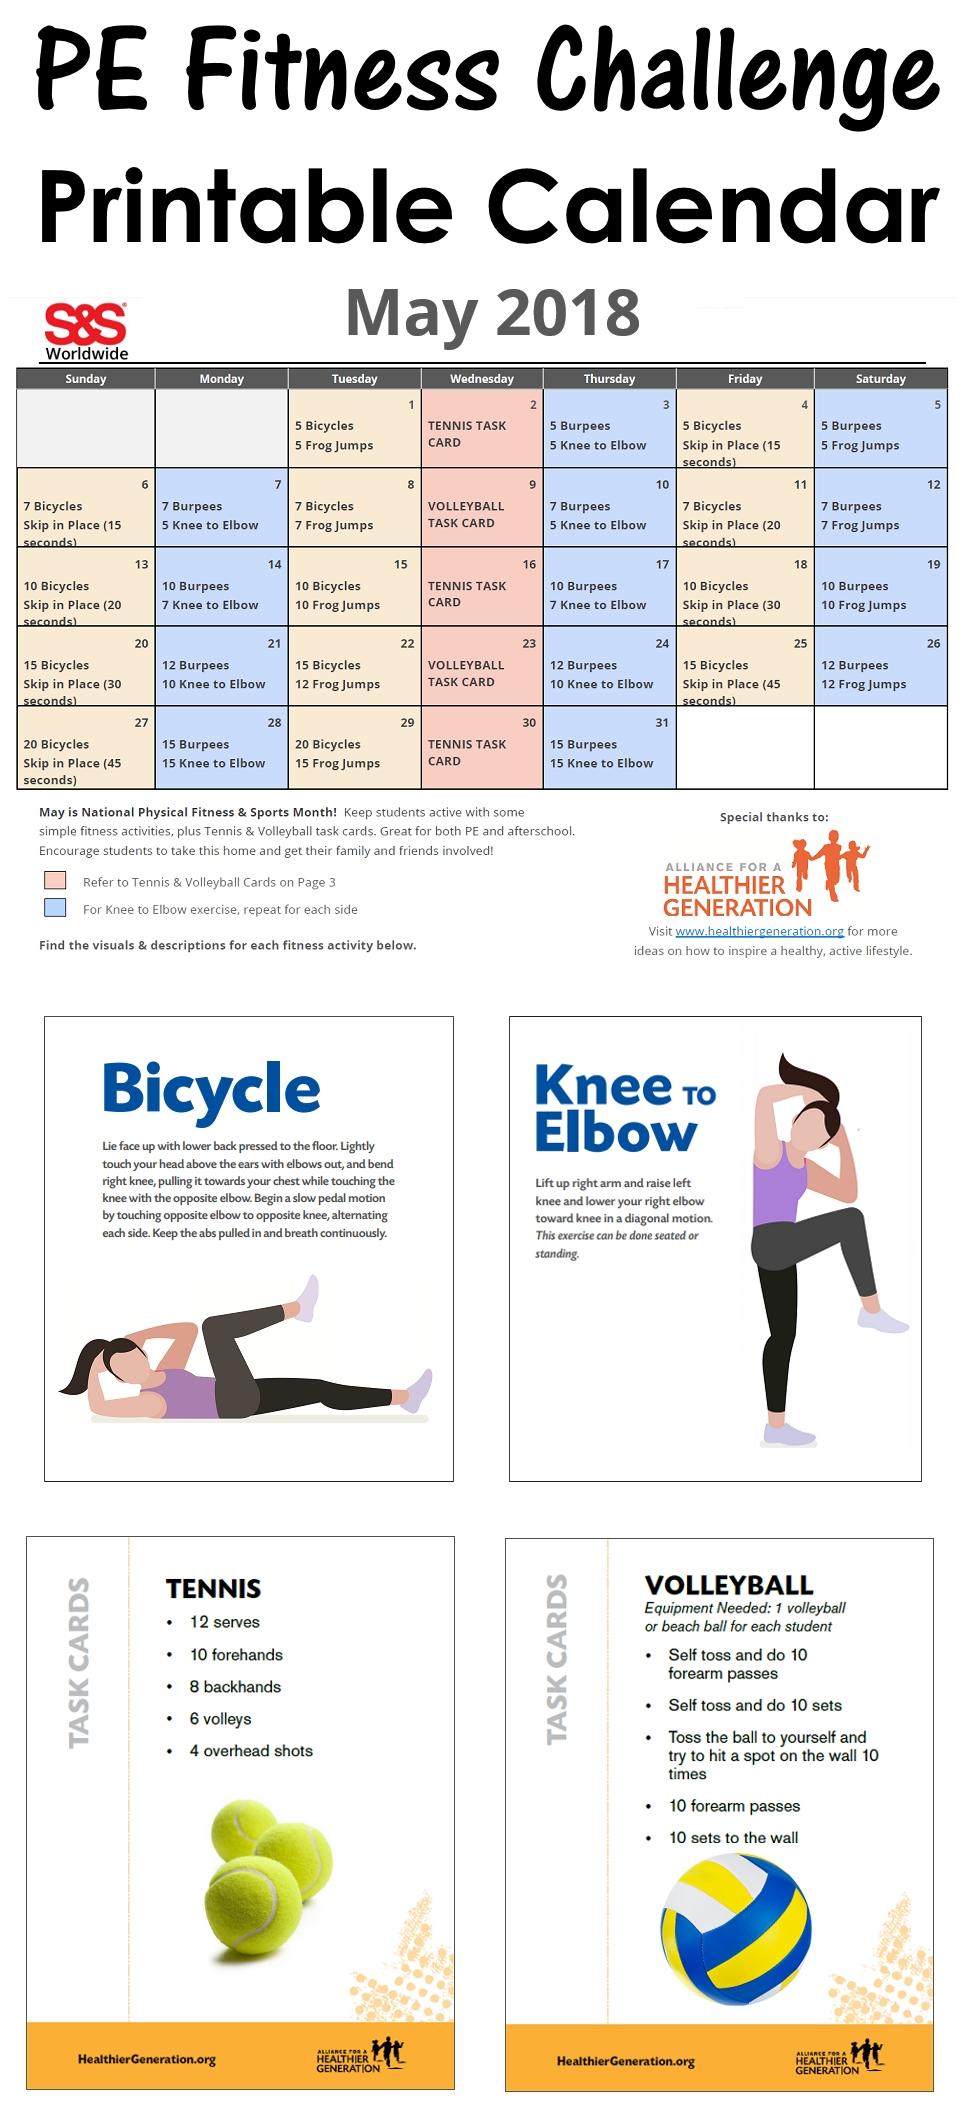 May Printable Fitness Challenge Calendar - S&S Blog